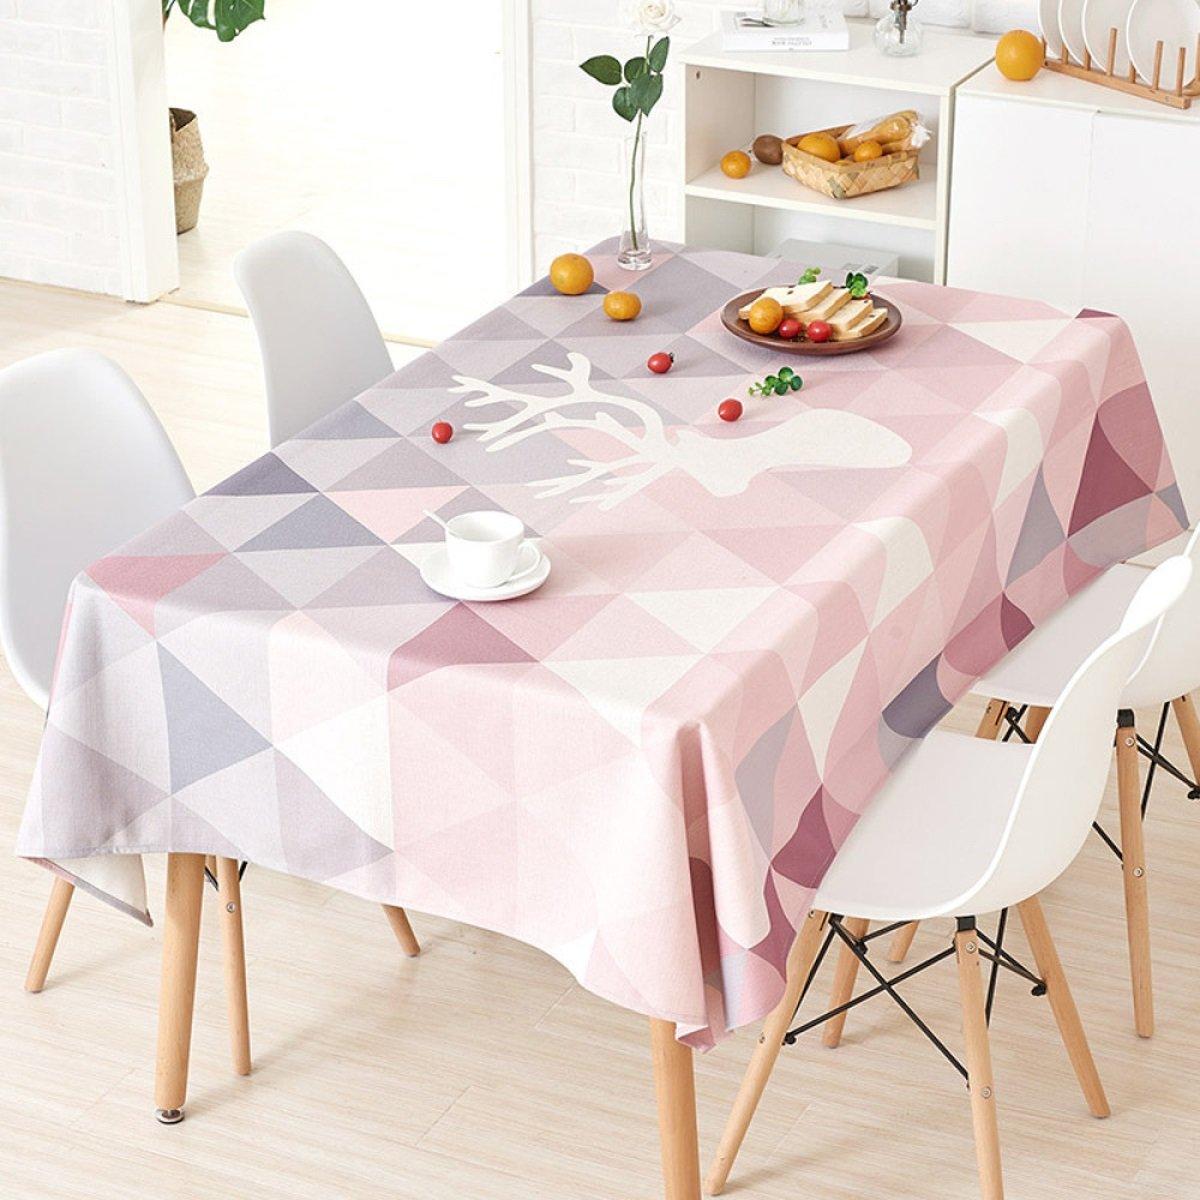 C 110170cm (43.366.9in) TAO NAPPES Tissu Coureurs Table à Thé Tissu Coton Nappe Rectangulaire Cuisine Maison Maison Nappe Décor à La Maison Bar Café Usure Résistant (Couleur   E, Taille   110  170cm (43.3  66.9in)